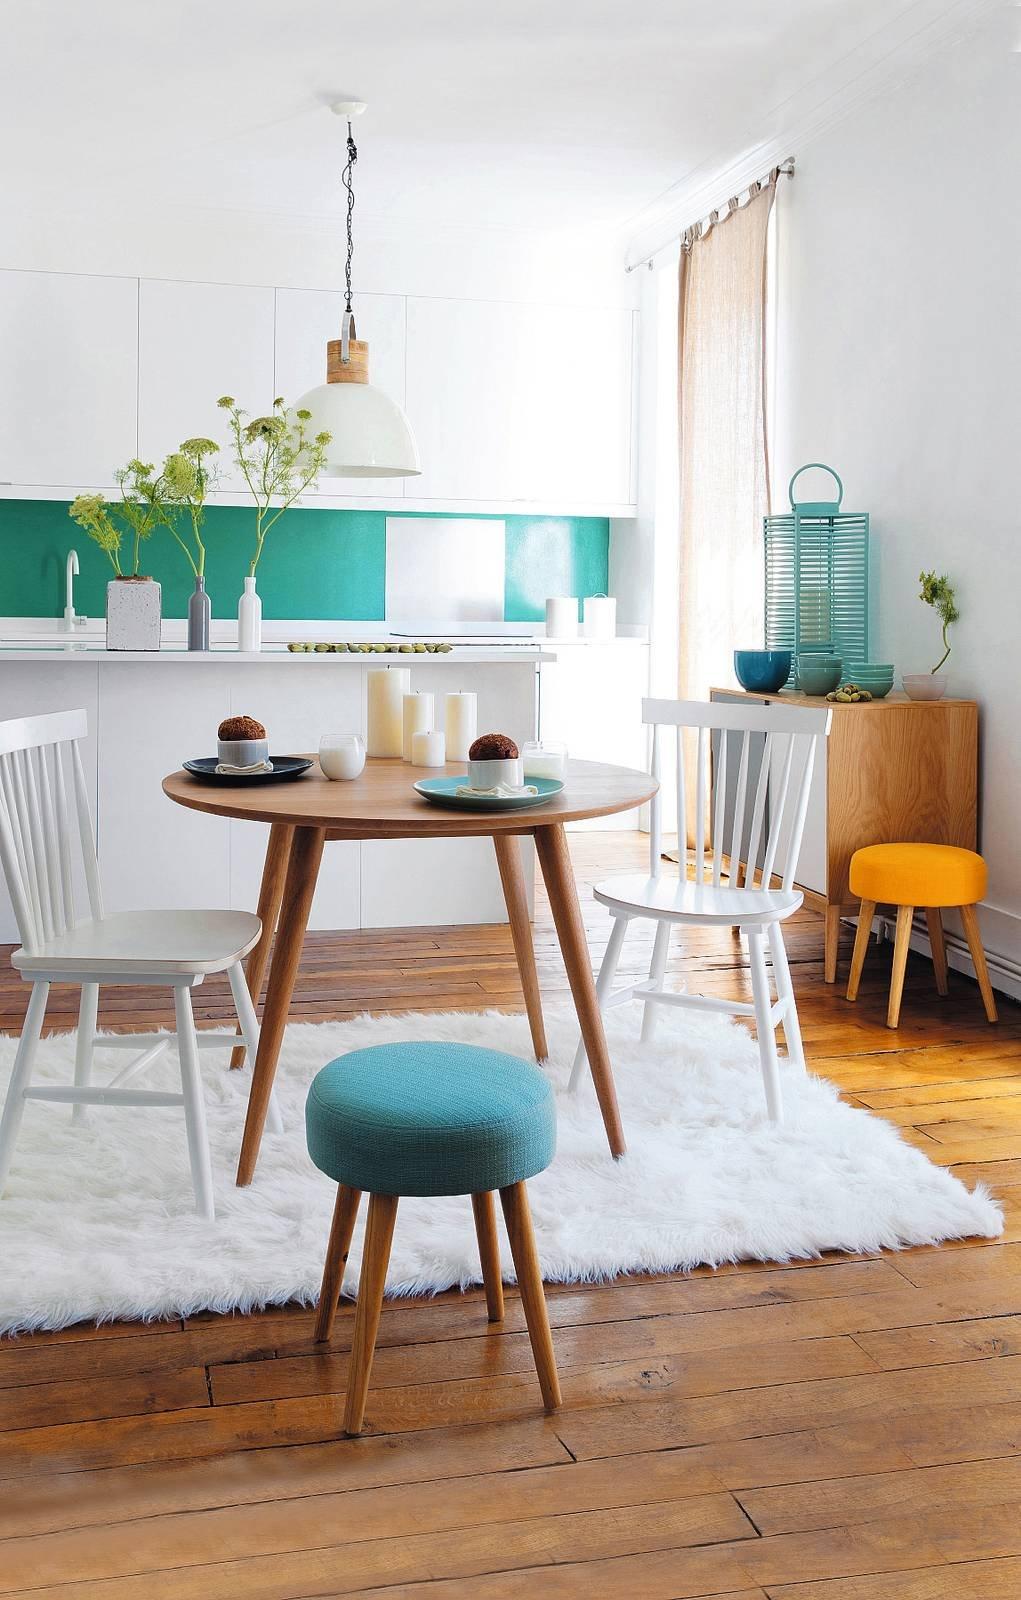 tavolo per la cucina: scegli fra oltre 30 modelli - cose di casa - Maison Du Monde Tavoli Allungabili